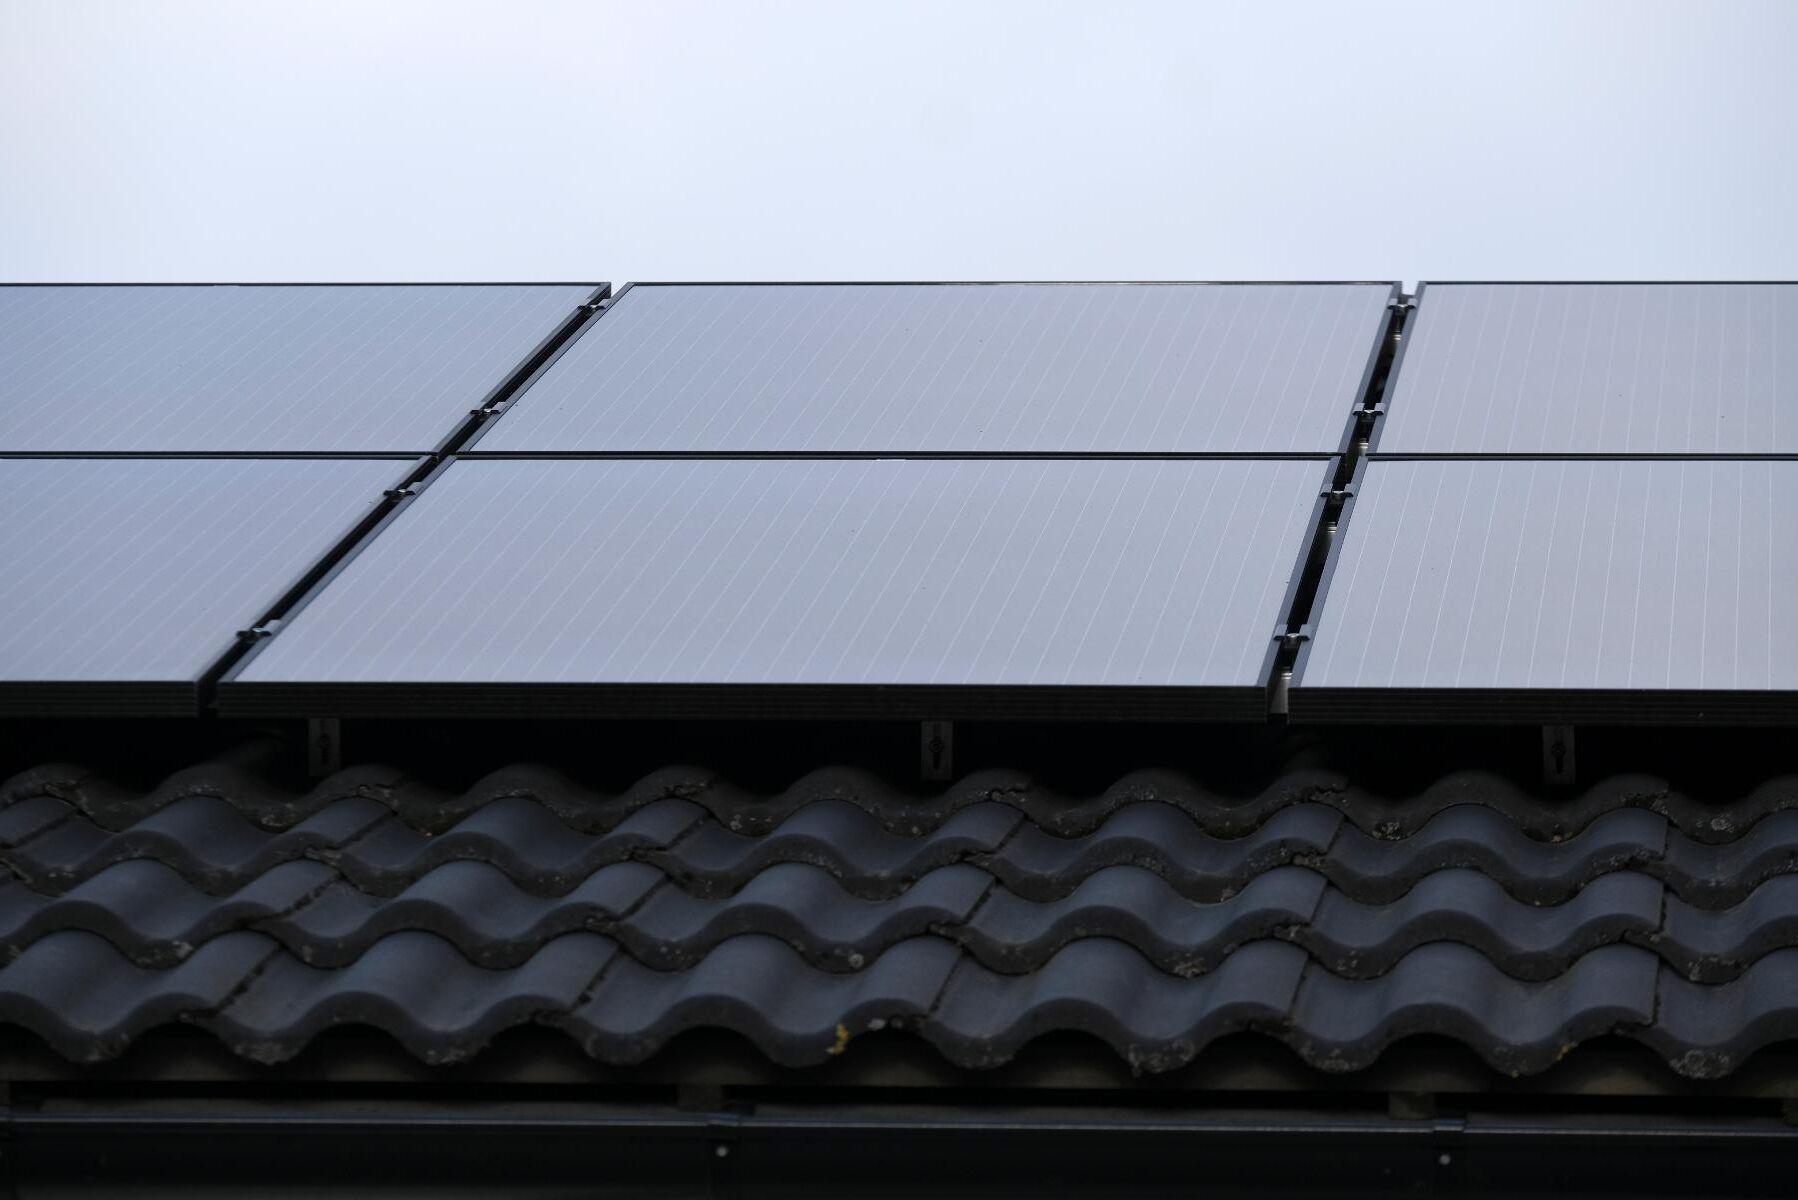 Solceller på svenska tak kan ha tillverkats med tvångsarbete, enligt en rapport. Arkivbild.